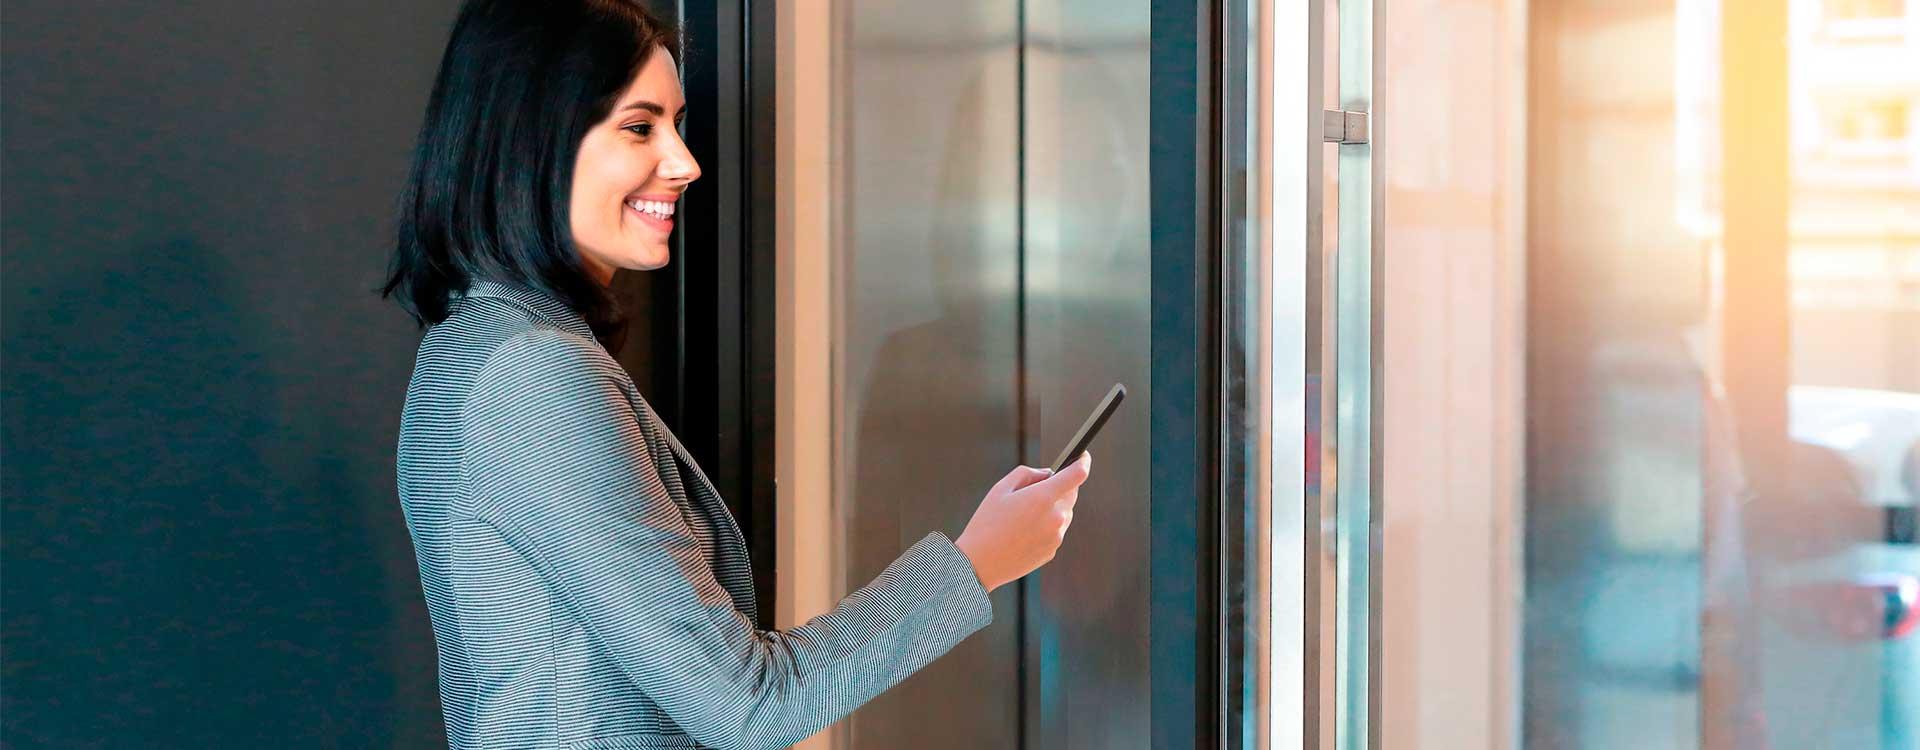 Abrir puerta con el móvil